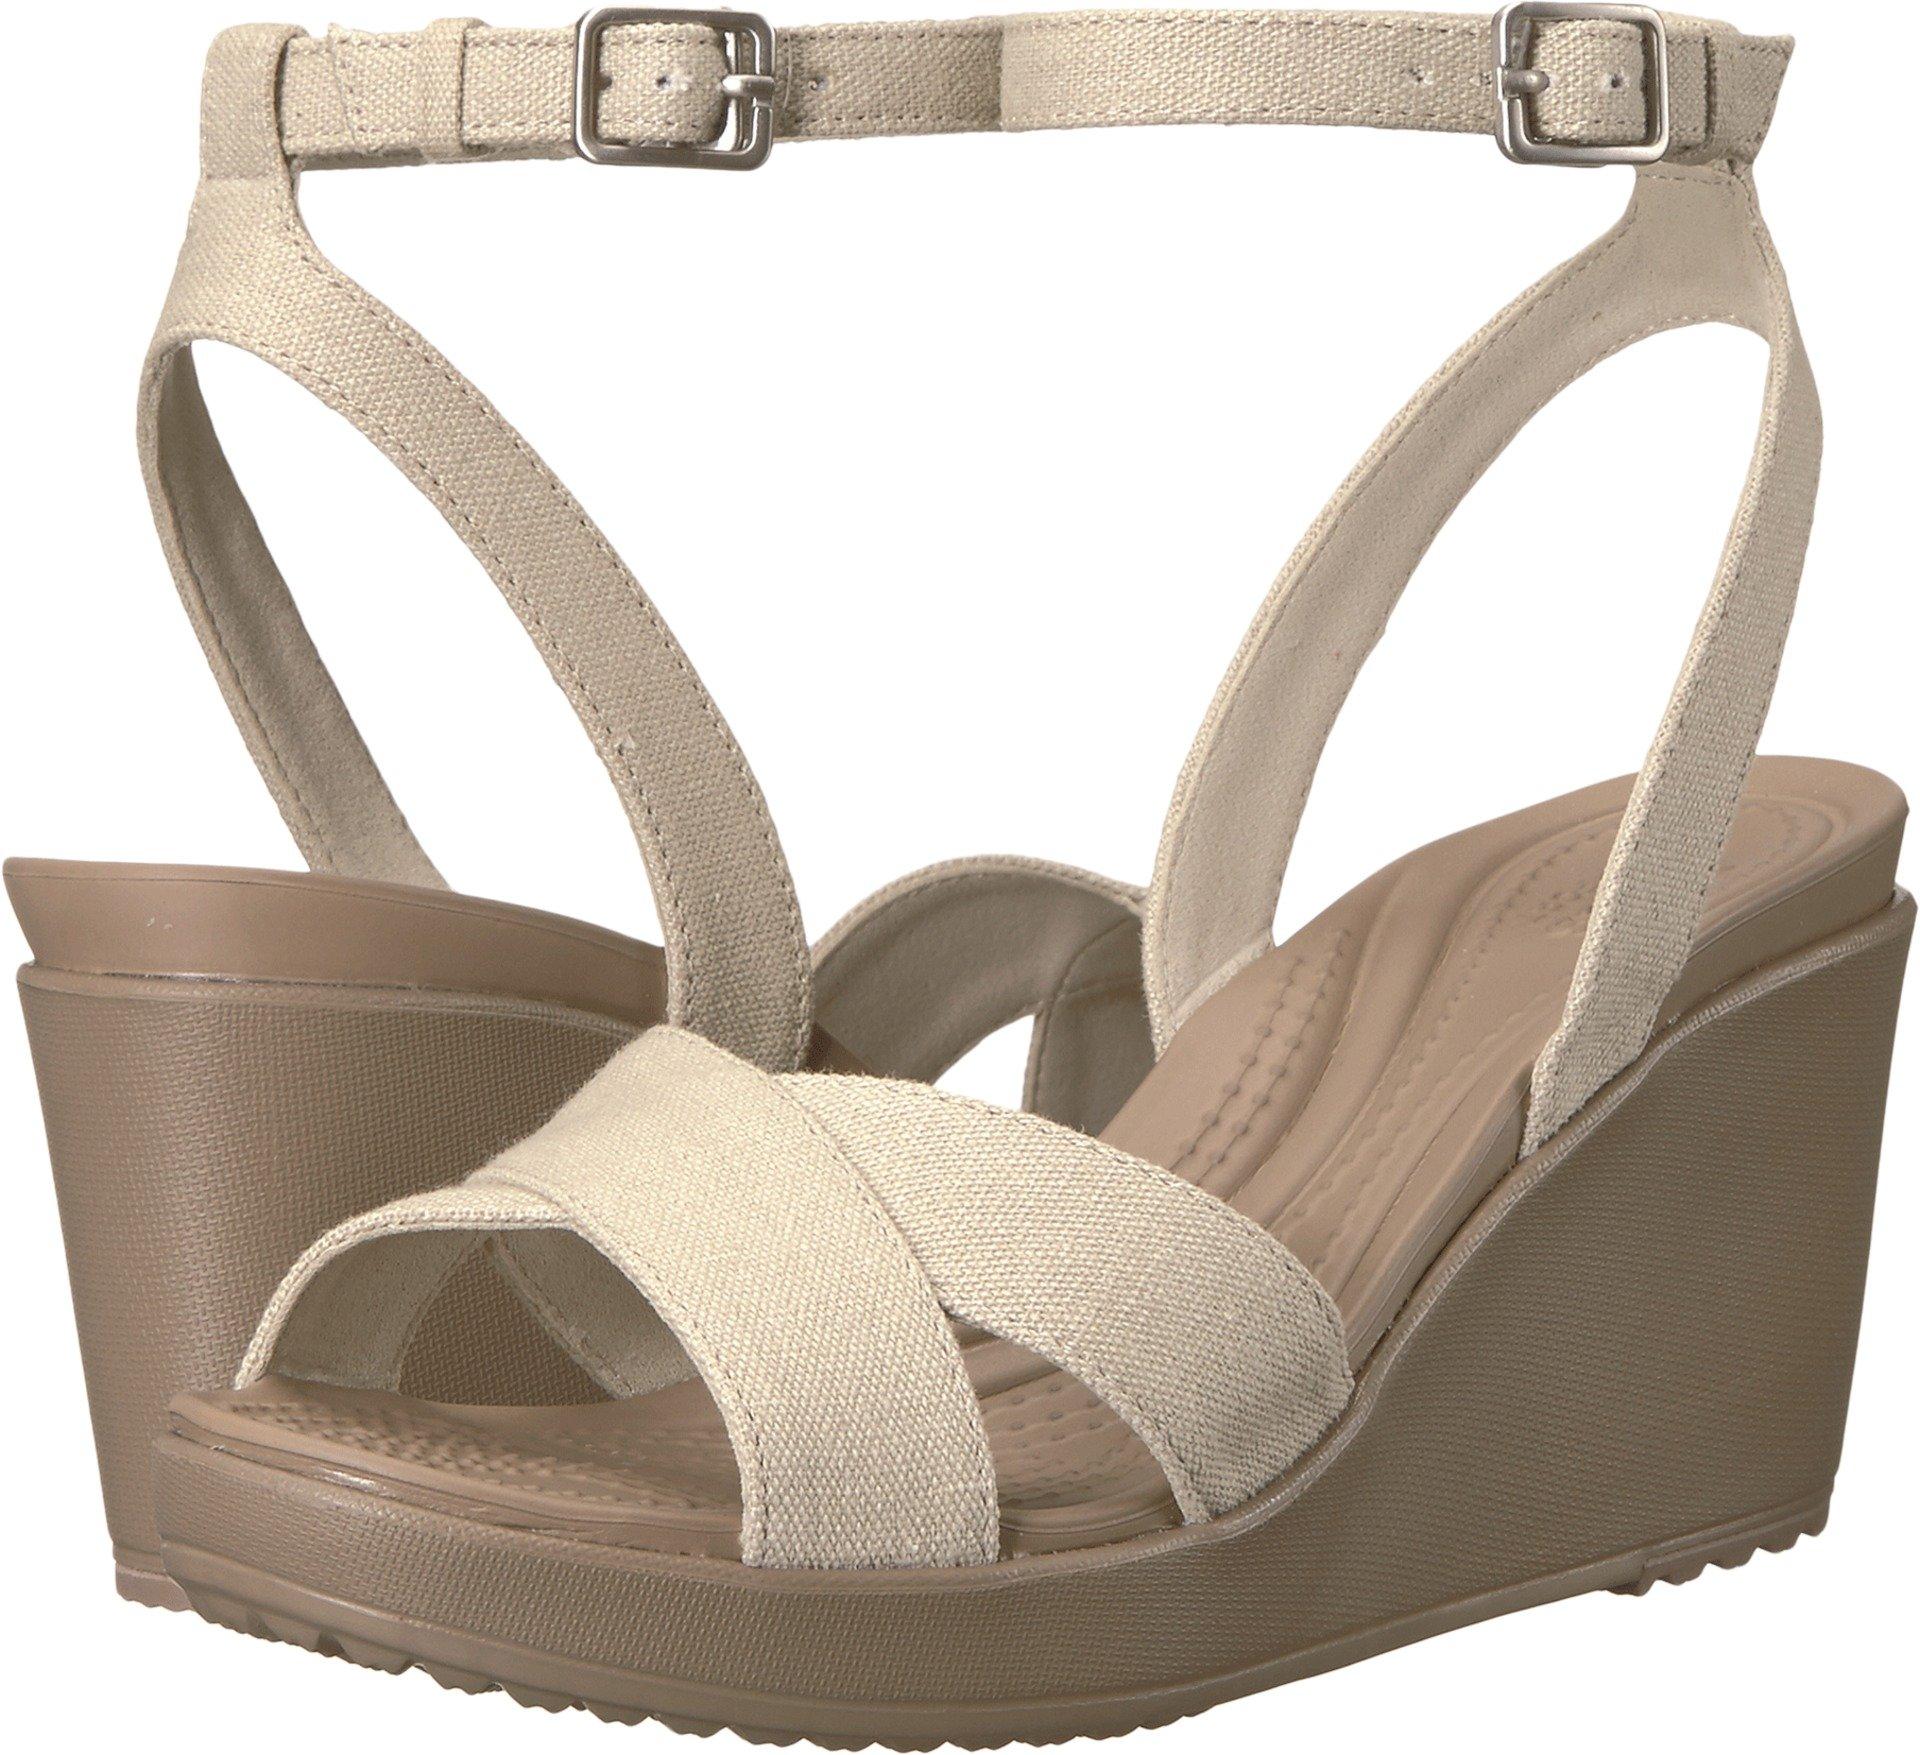 Crocs Women's Leigh II Ankle Strap Wedge W Sandal, Oatmeal/Mushroom, 8 M US